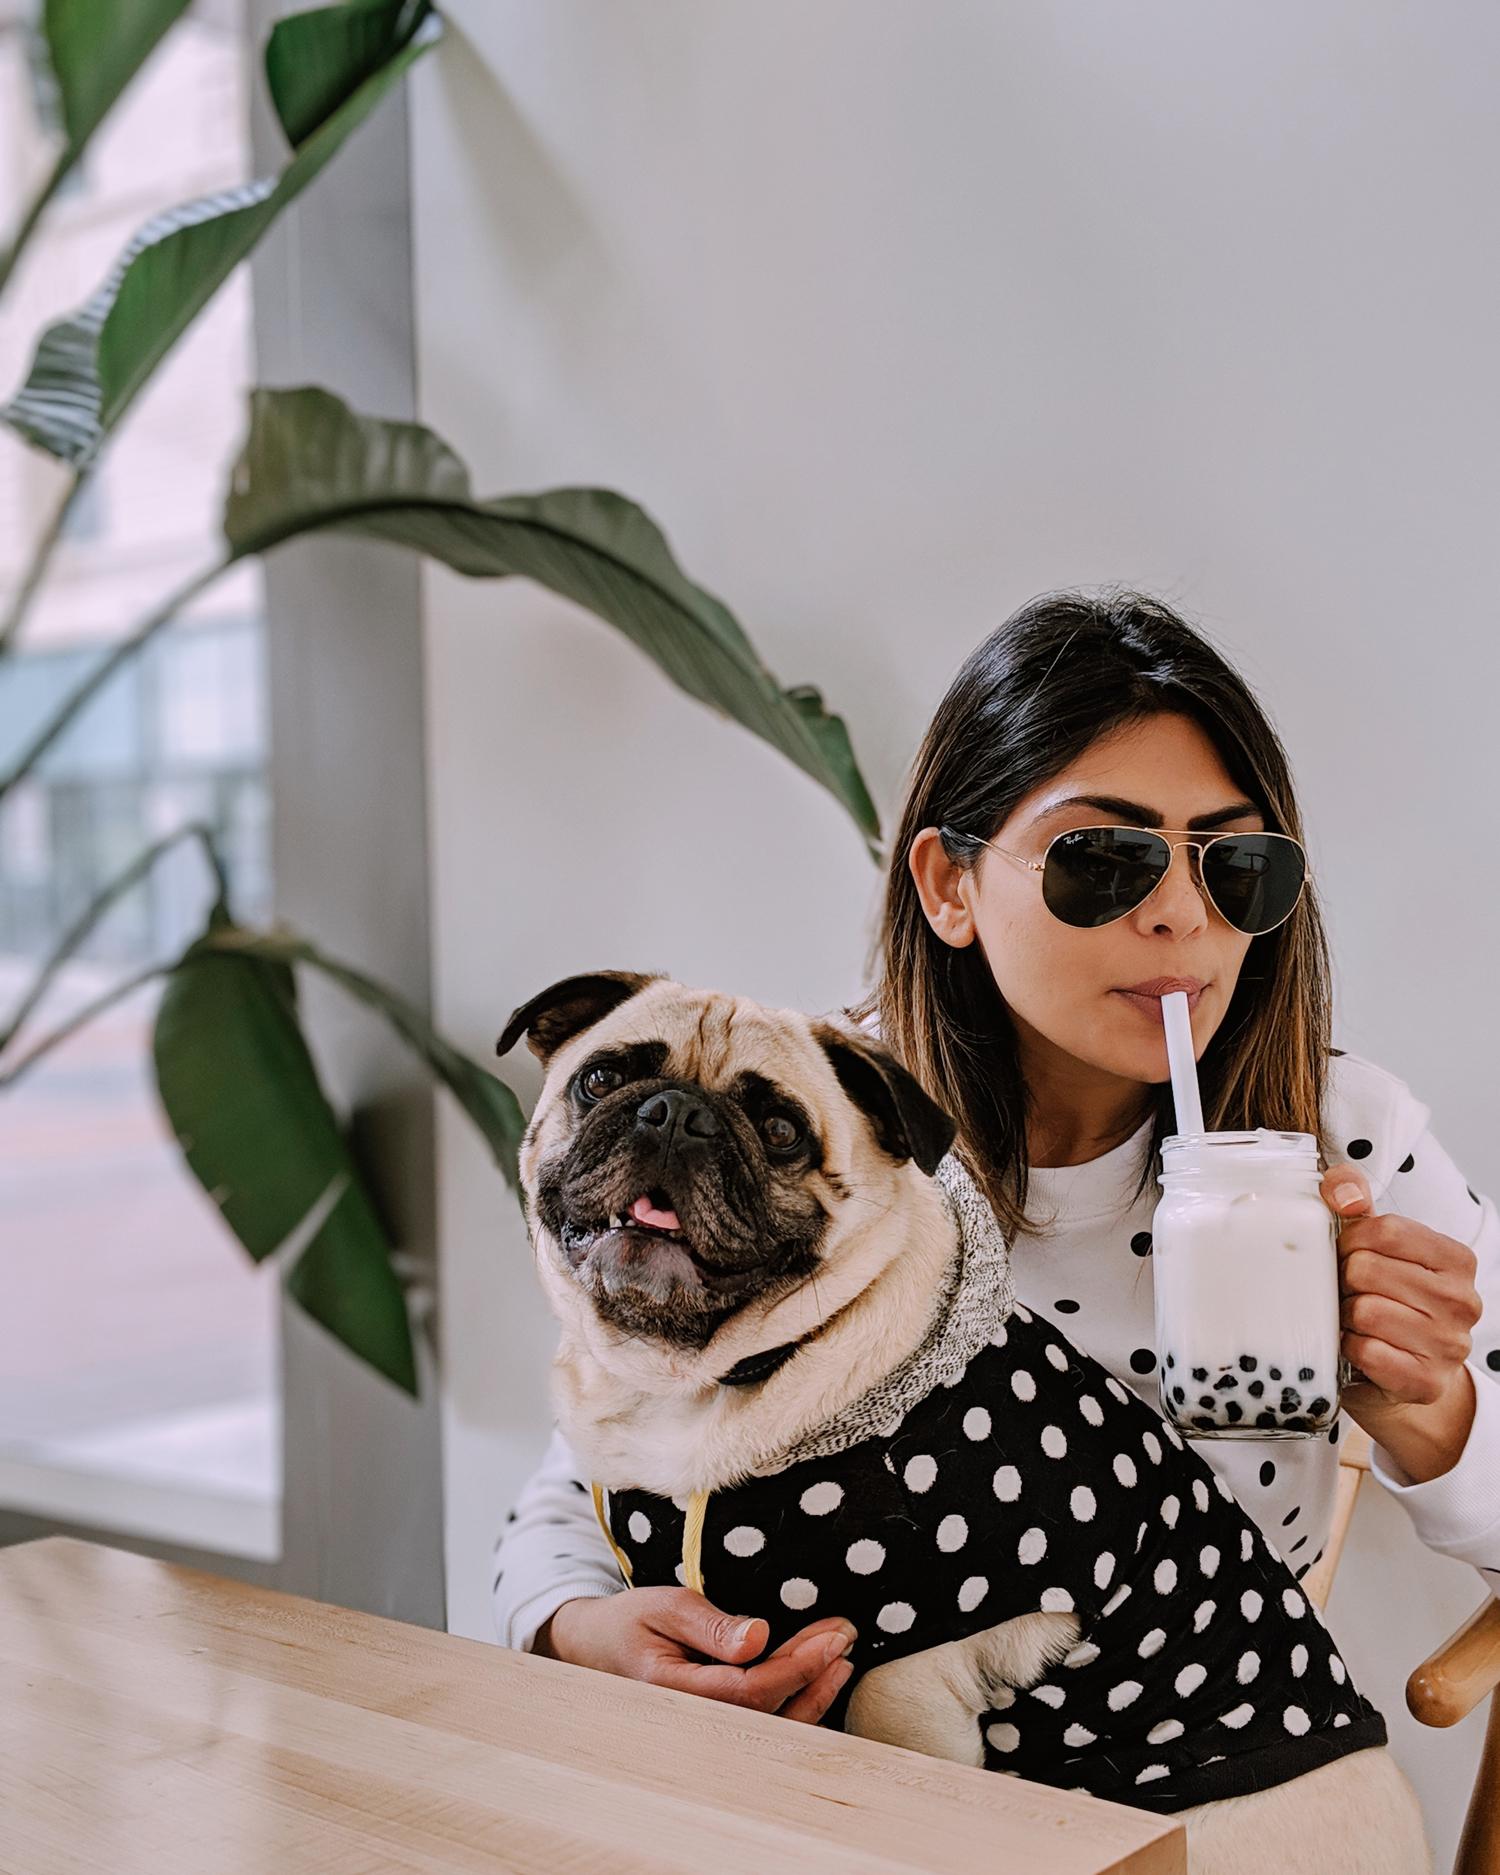 Portland-dogfriendly-travel-travelwithyourdog-woodenshoetulipfestival-2019-dogstraveling-dogblog-pug-dogmomblog-newyorkblog-visitportland33.JPG